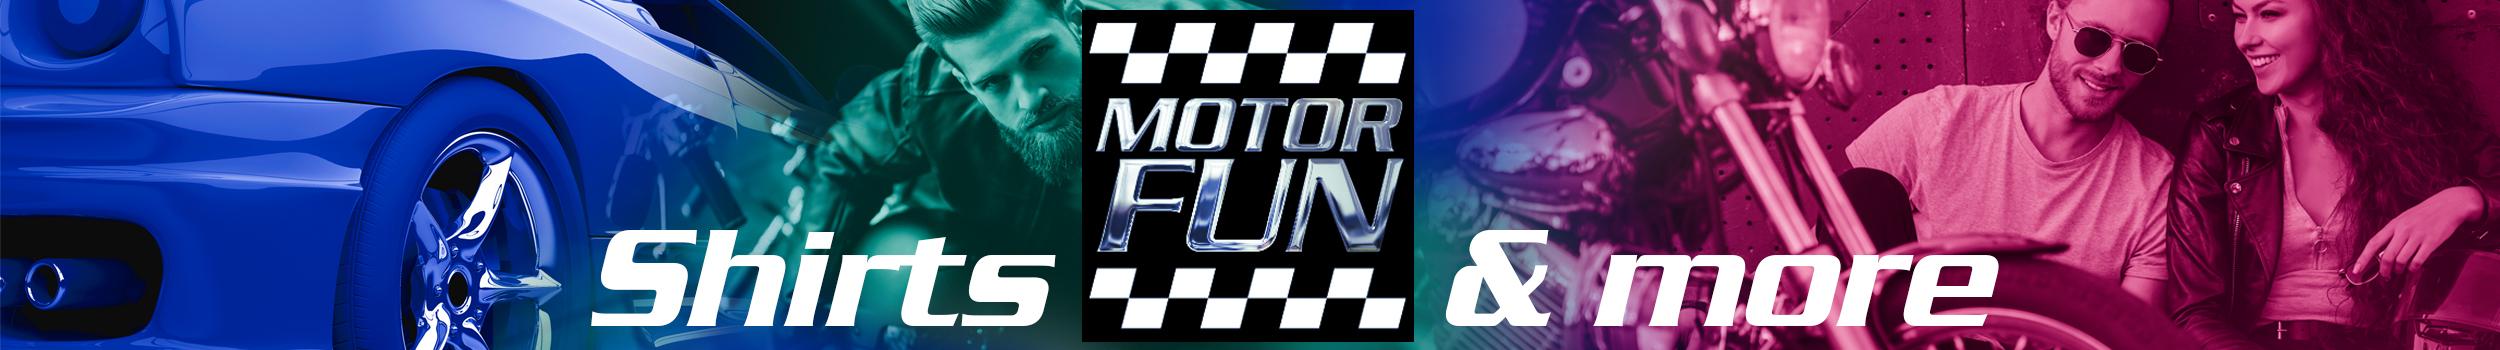 Motorfun